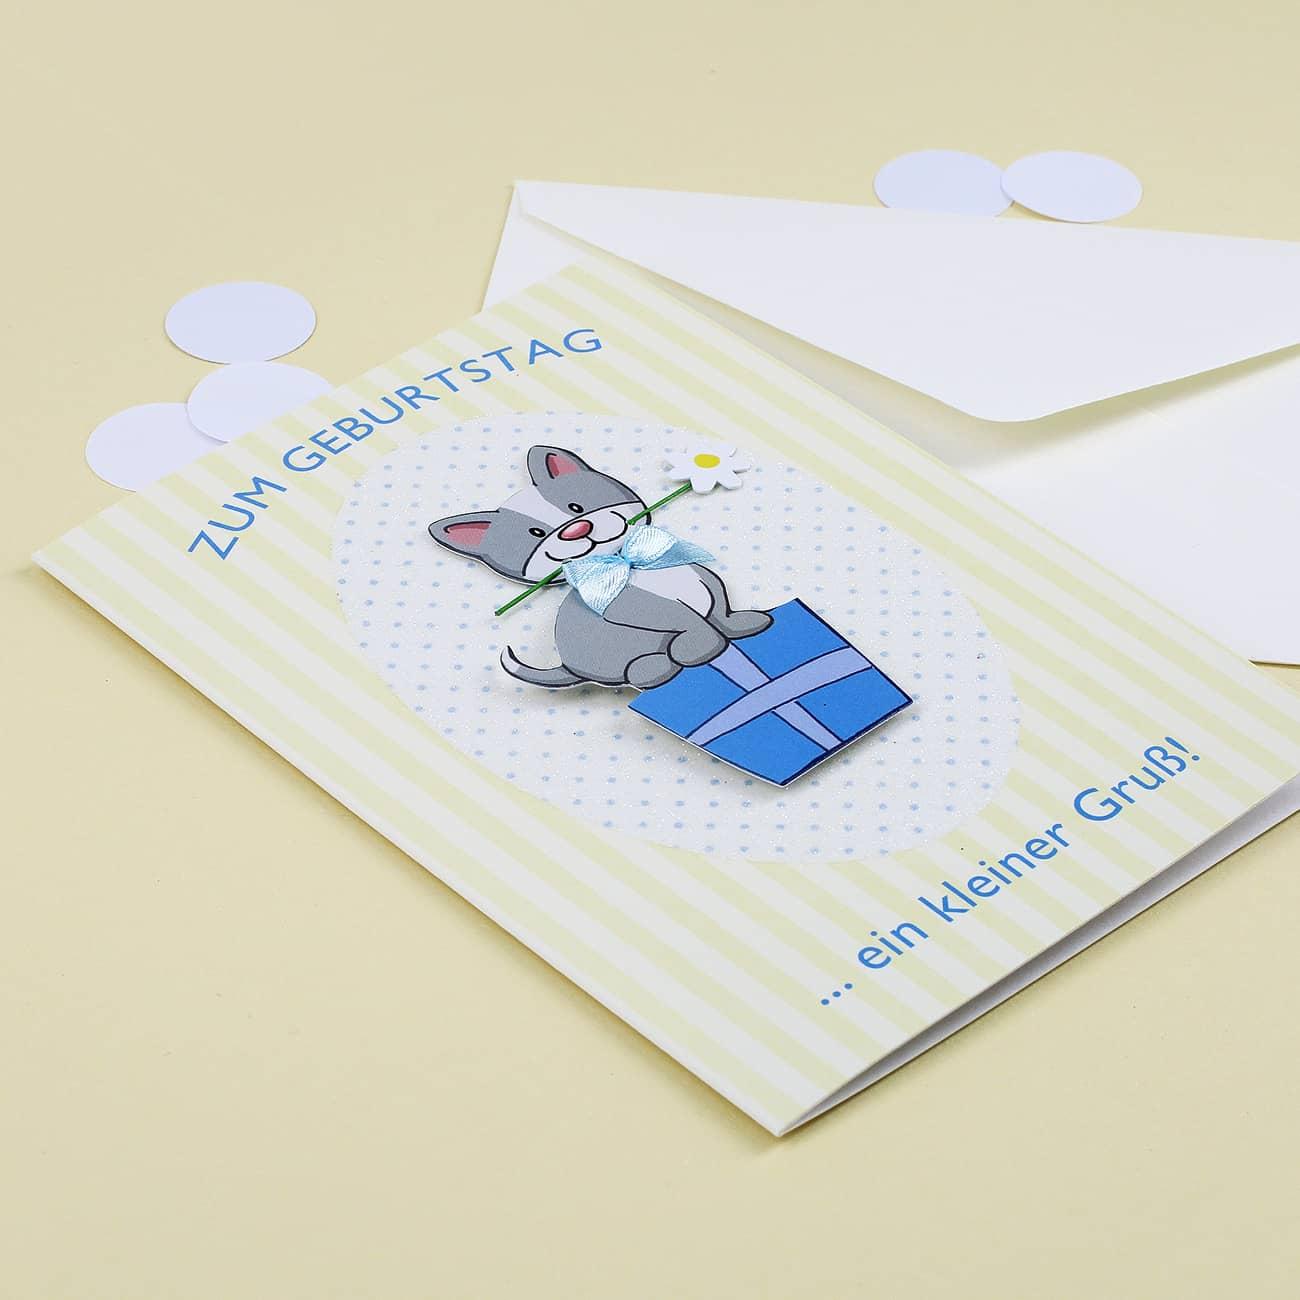 3D Katze Faltkarte Geburtstag Muttertag-Frohe Weihnachten Karten V8I8 J7M G6H3